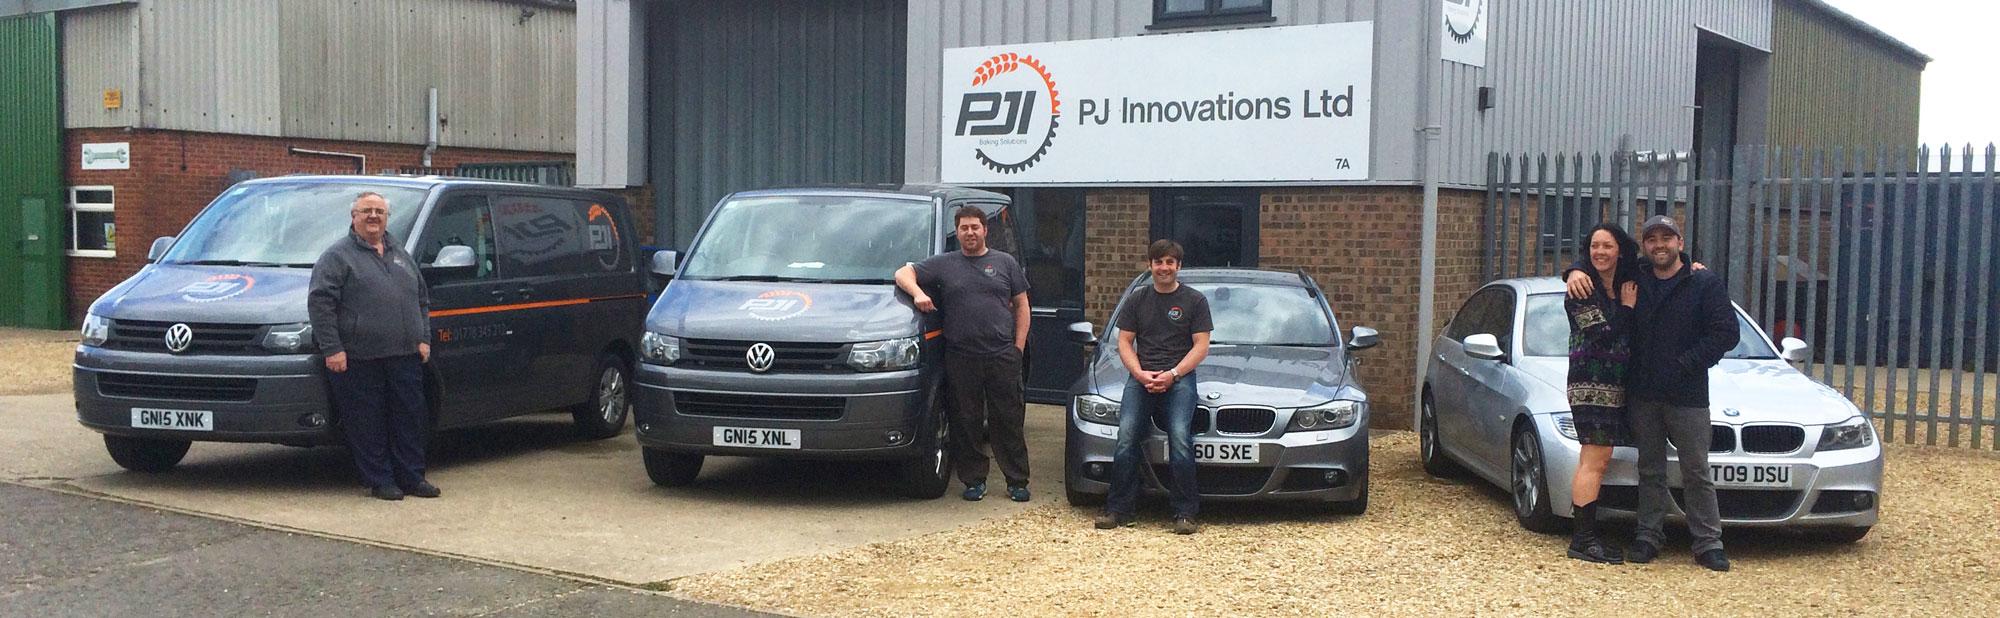 P J Innovation team